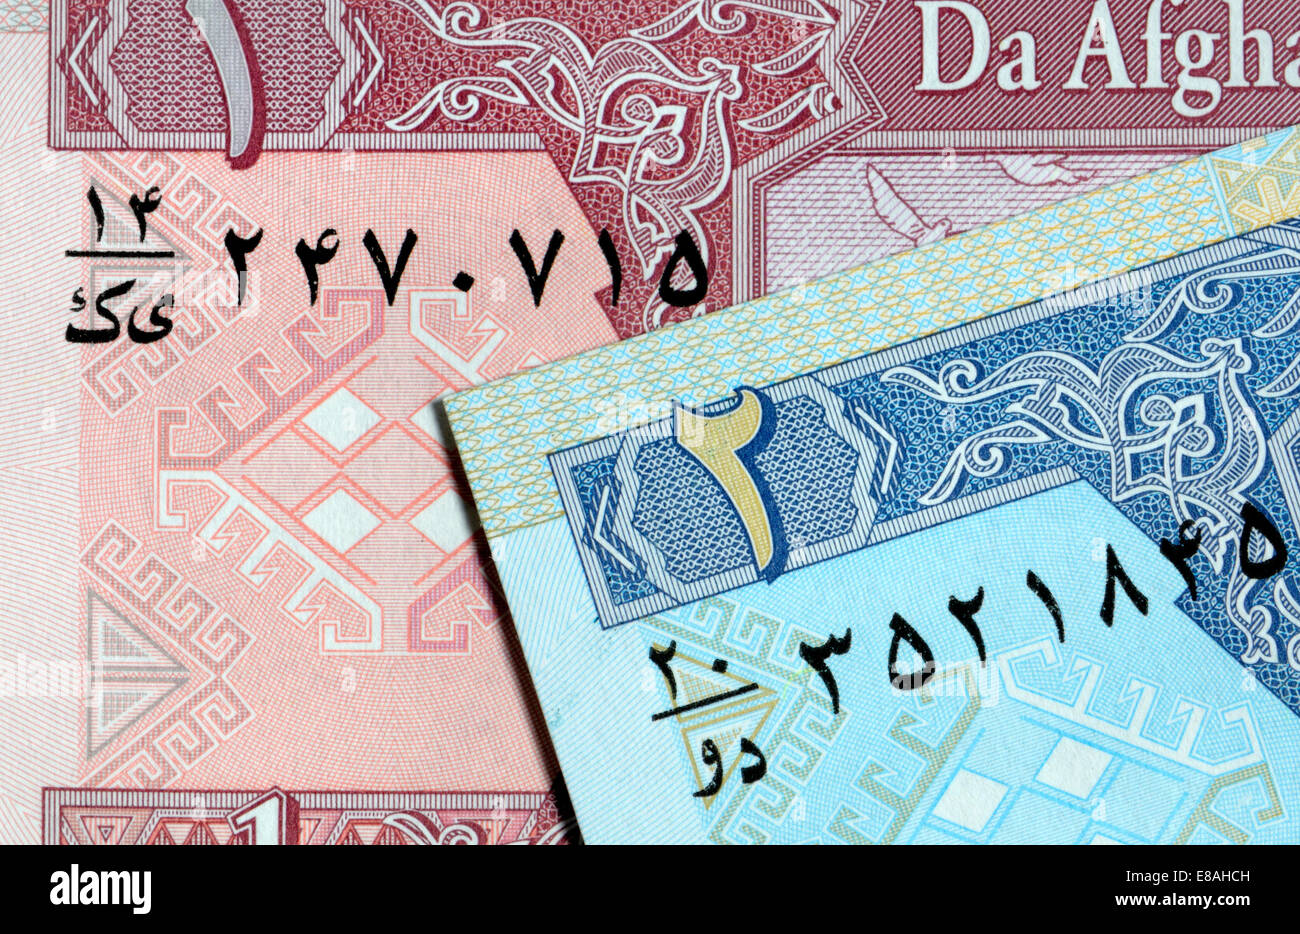 Dettaglio di una banconota afghano che mostra lo script arabo e i numeri Foto Stock